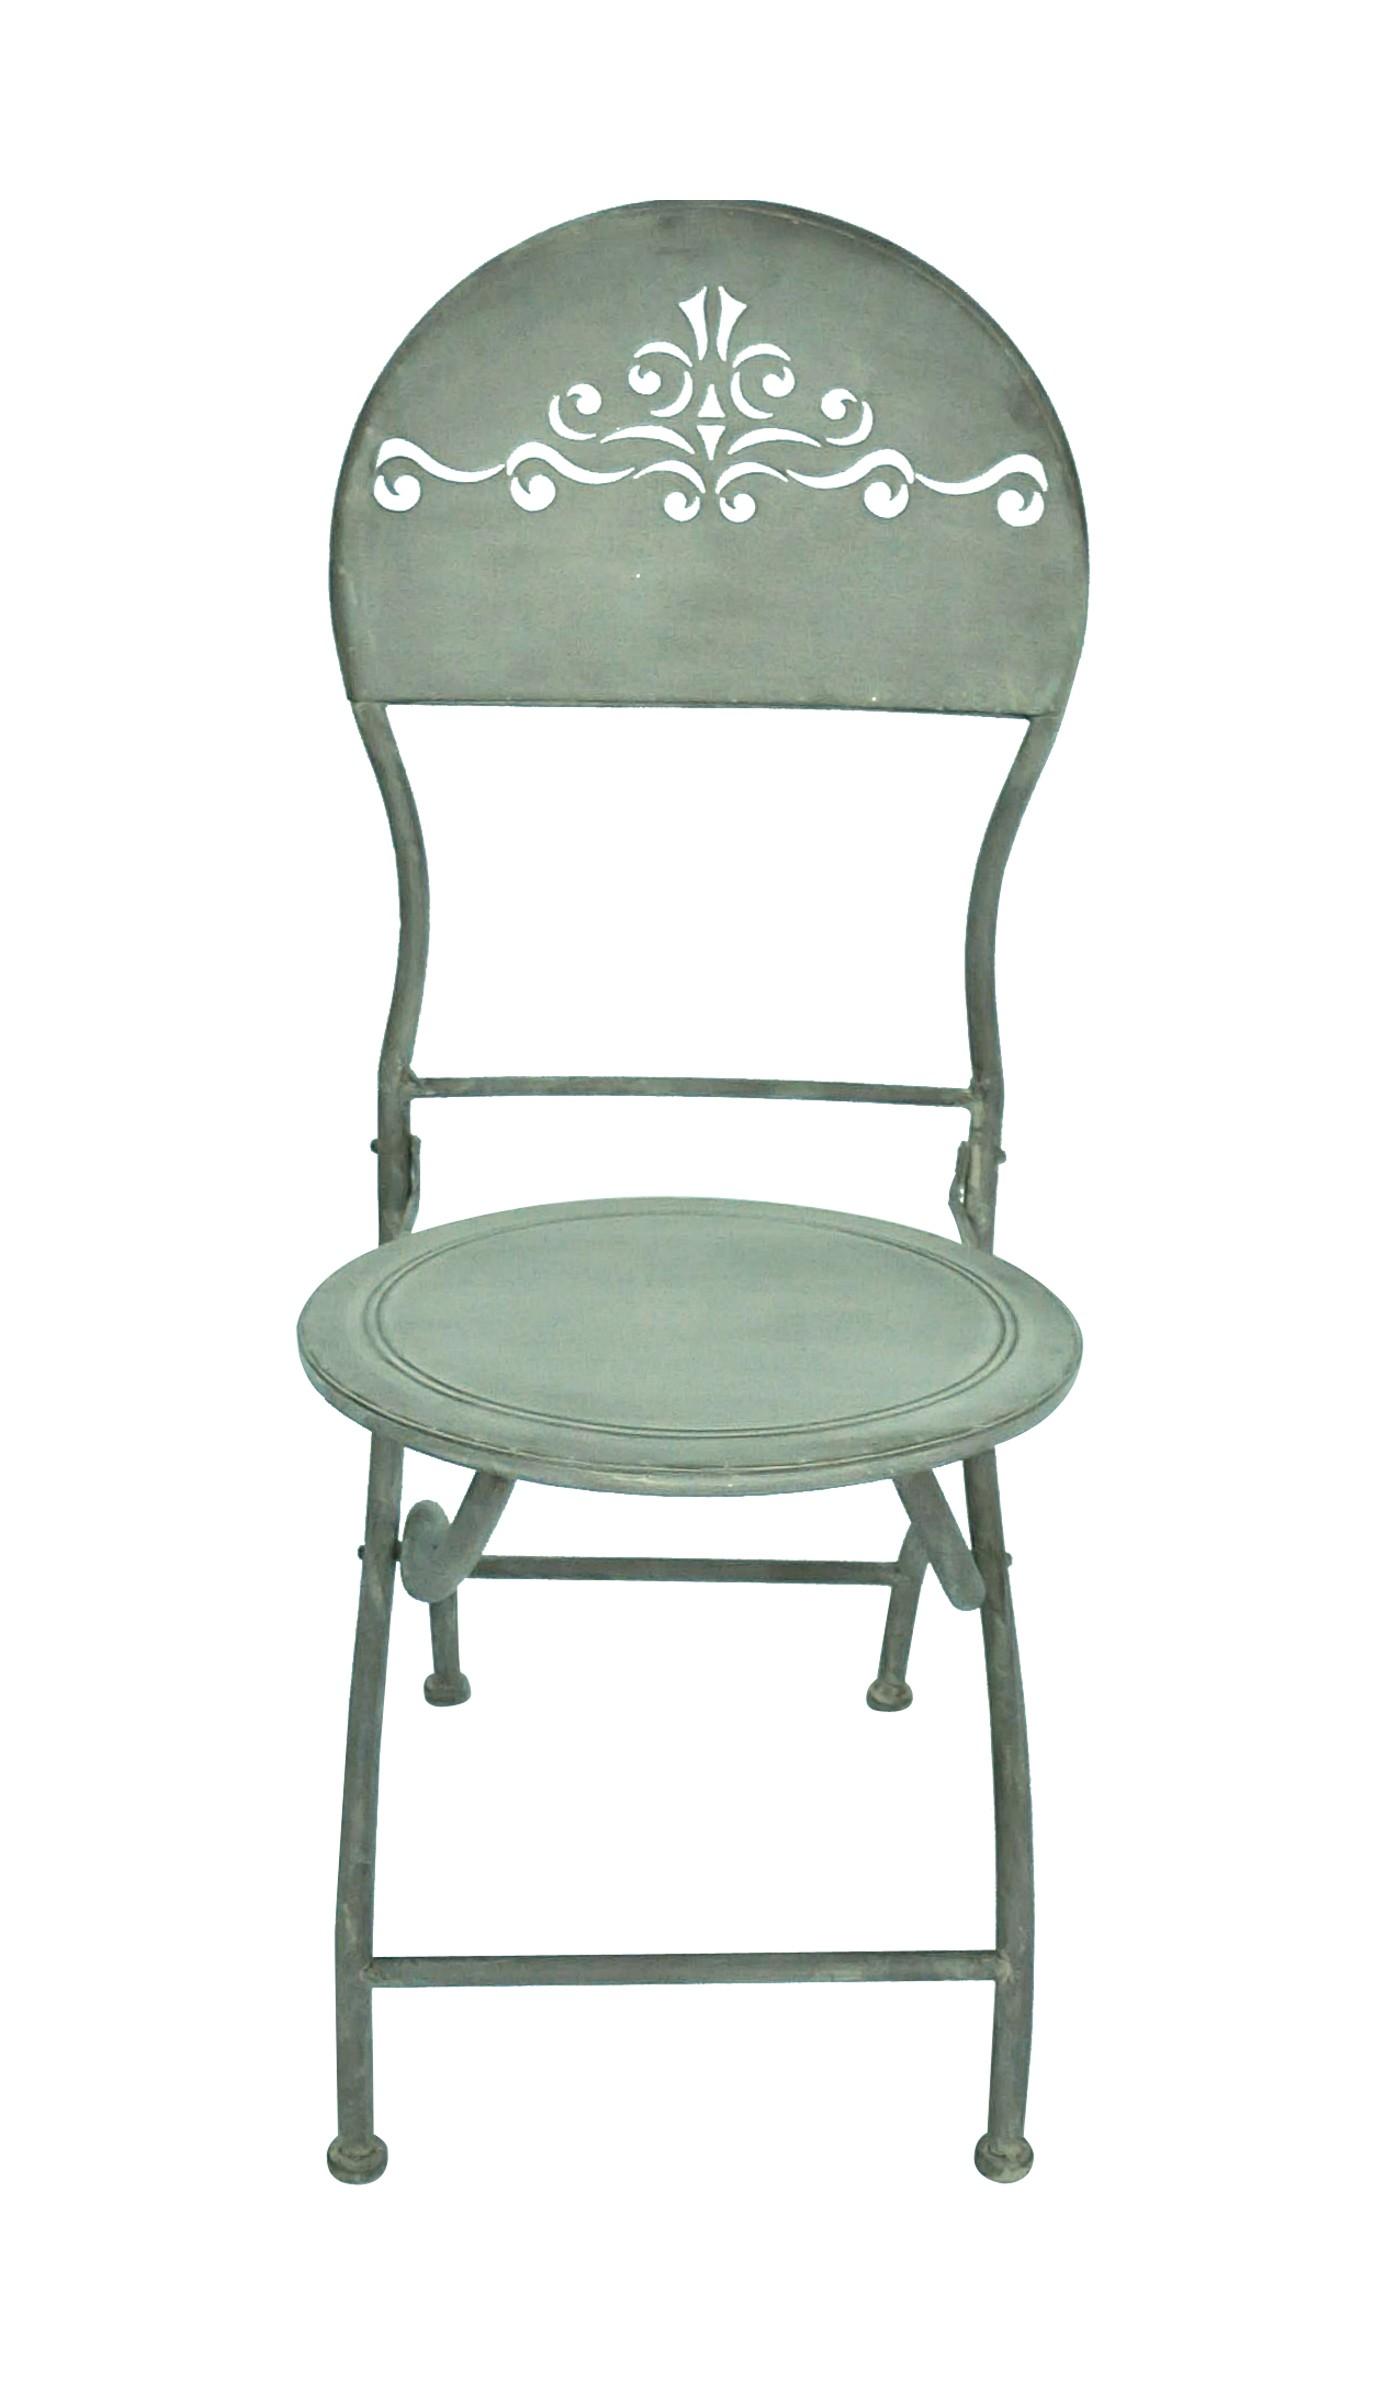 Chaise patine zinc demeure et jardin for Chaise tole